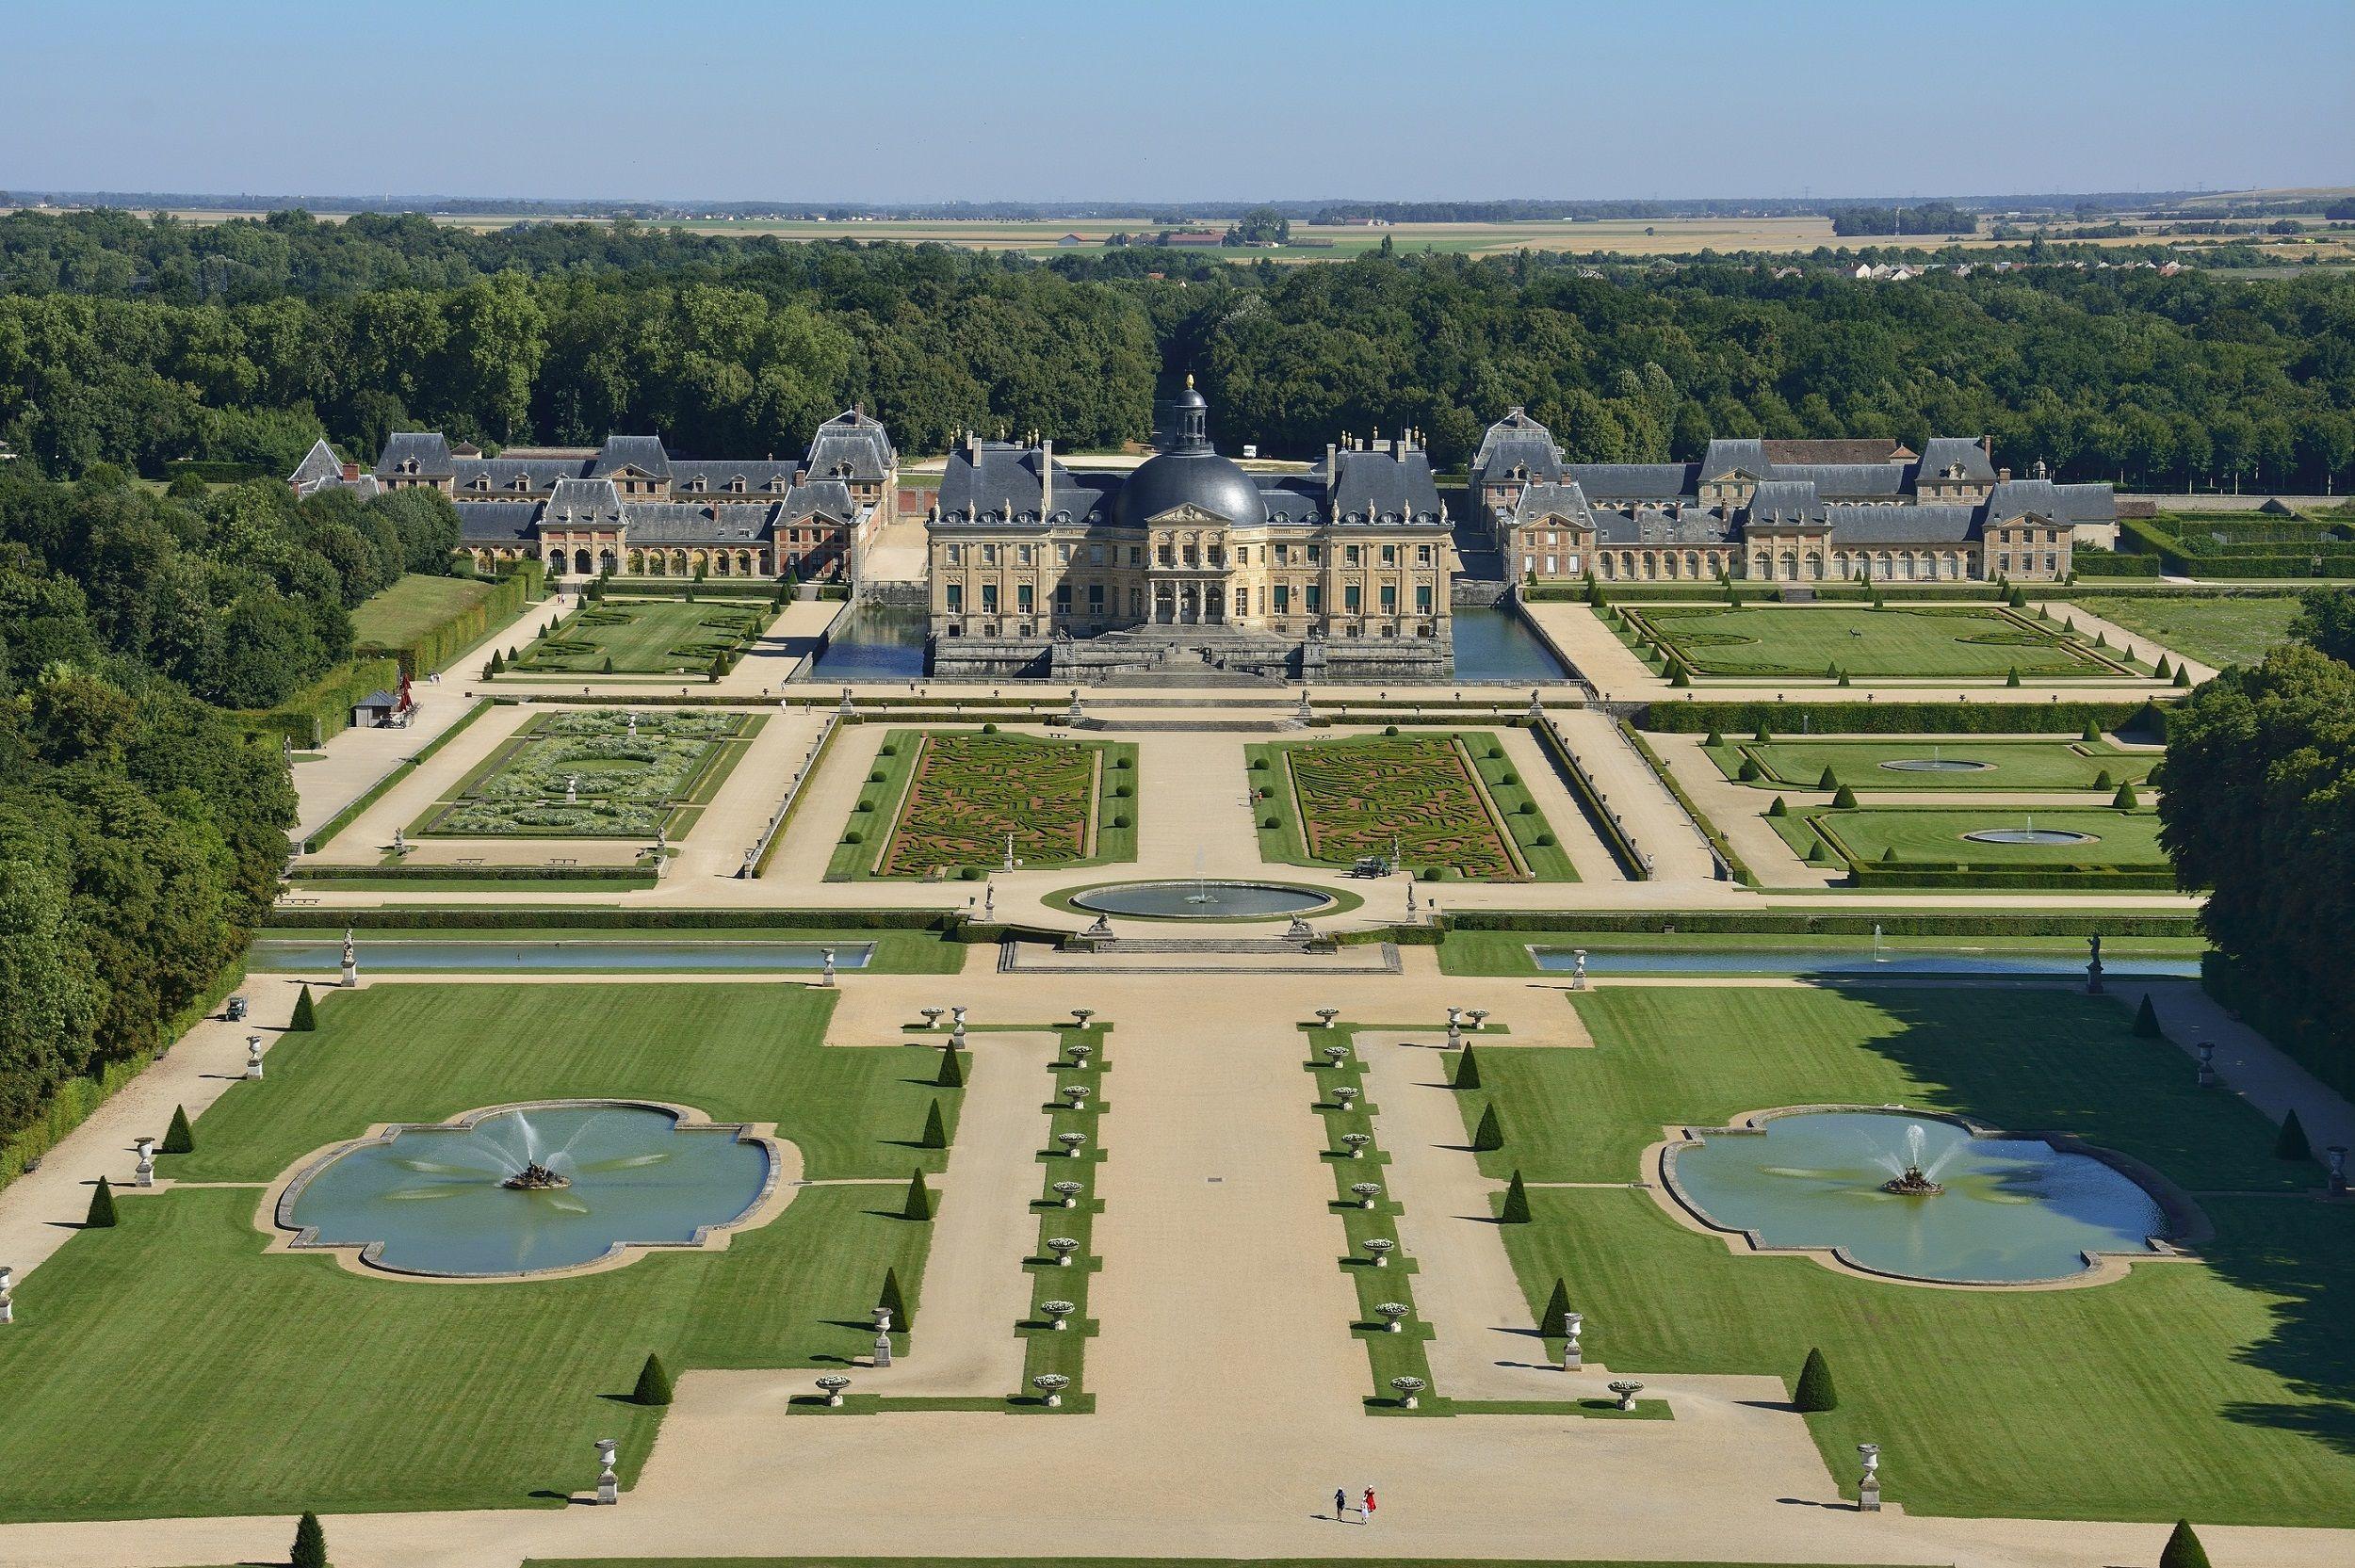 Vaux Le Vicomte Quieter More Beautiful Chateau Per Rick Steves 1